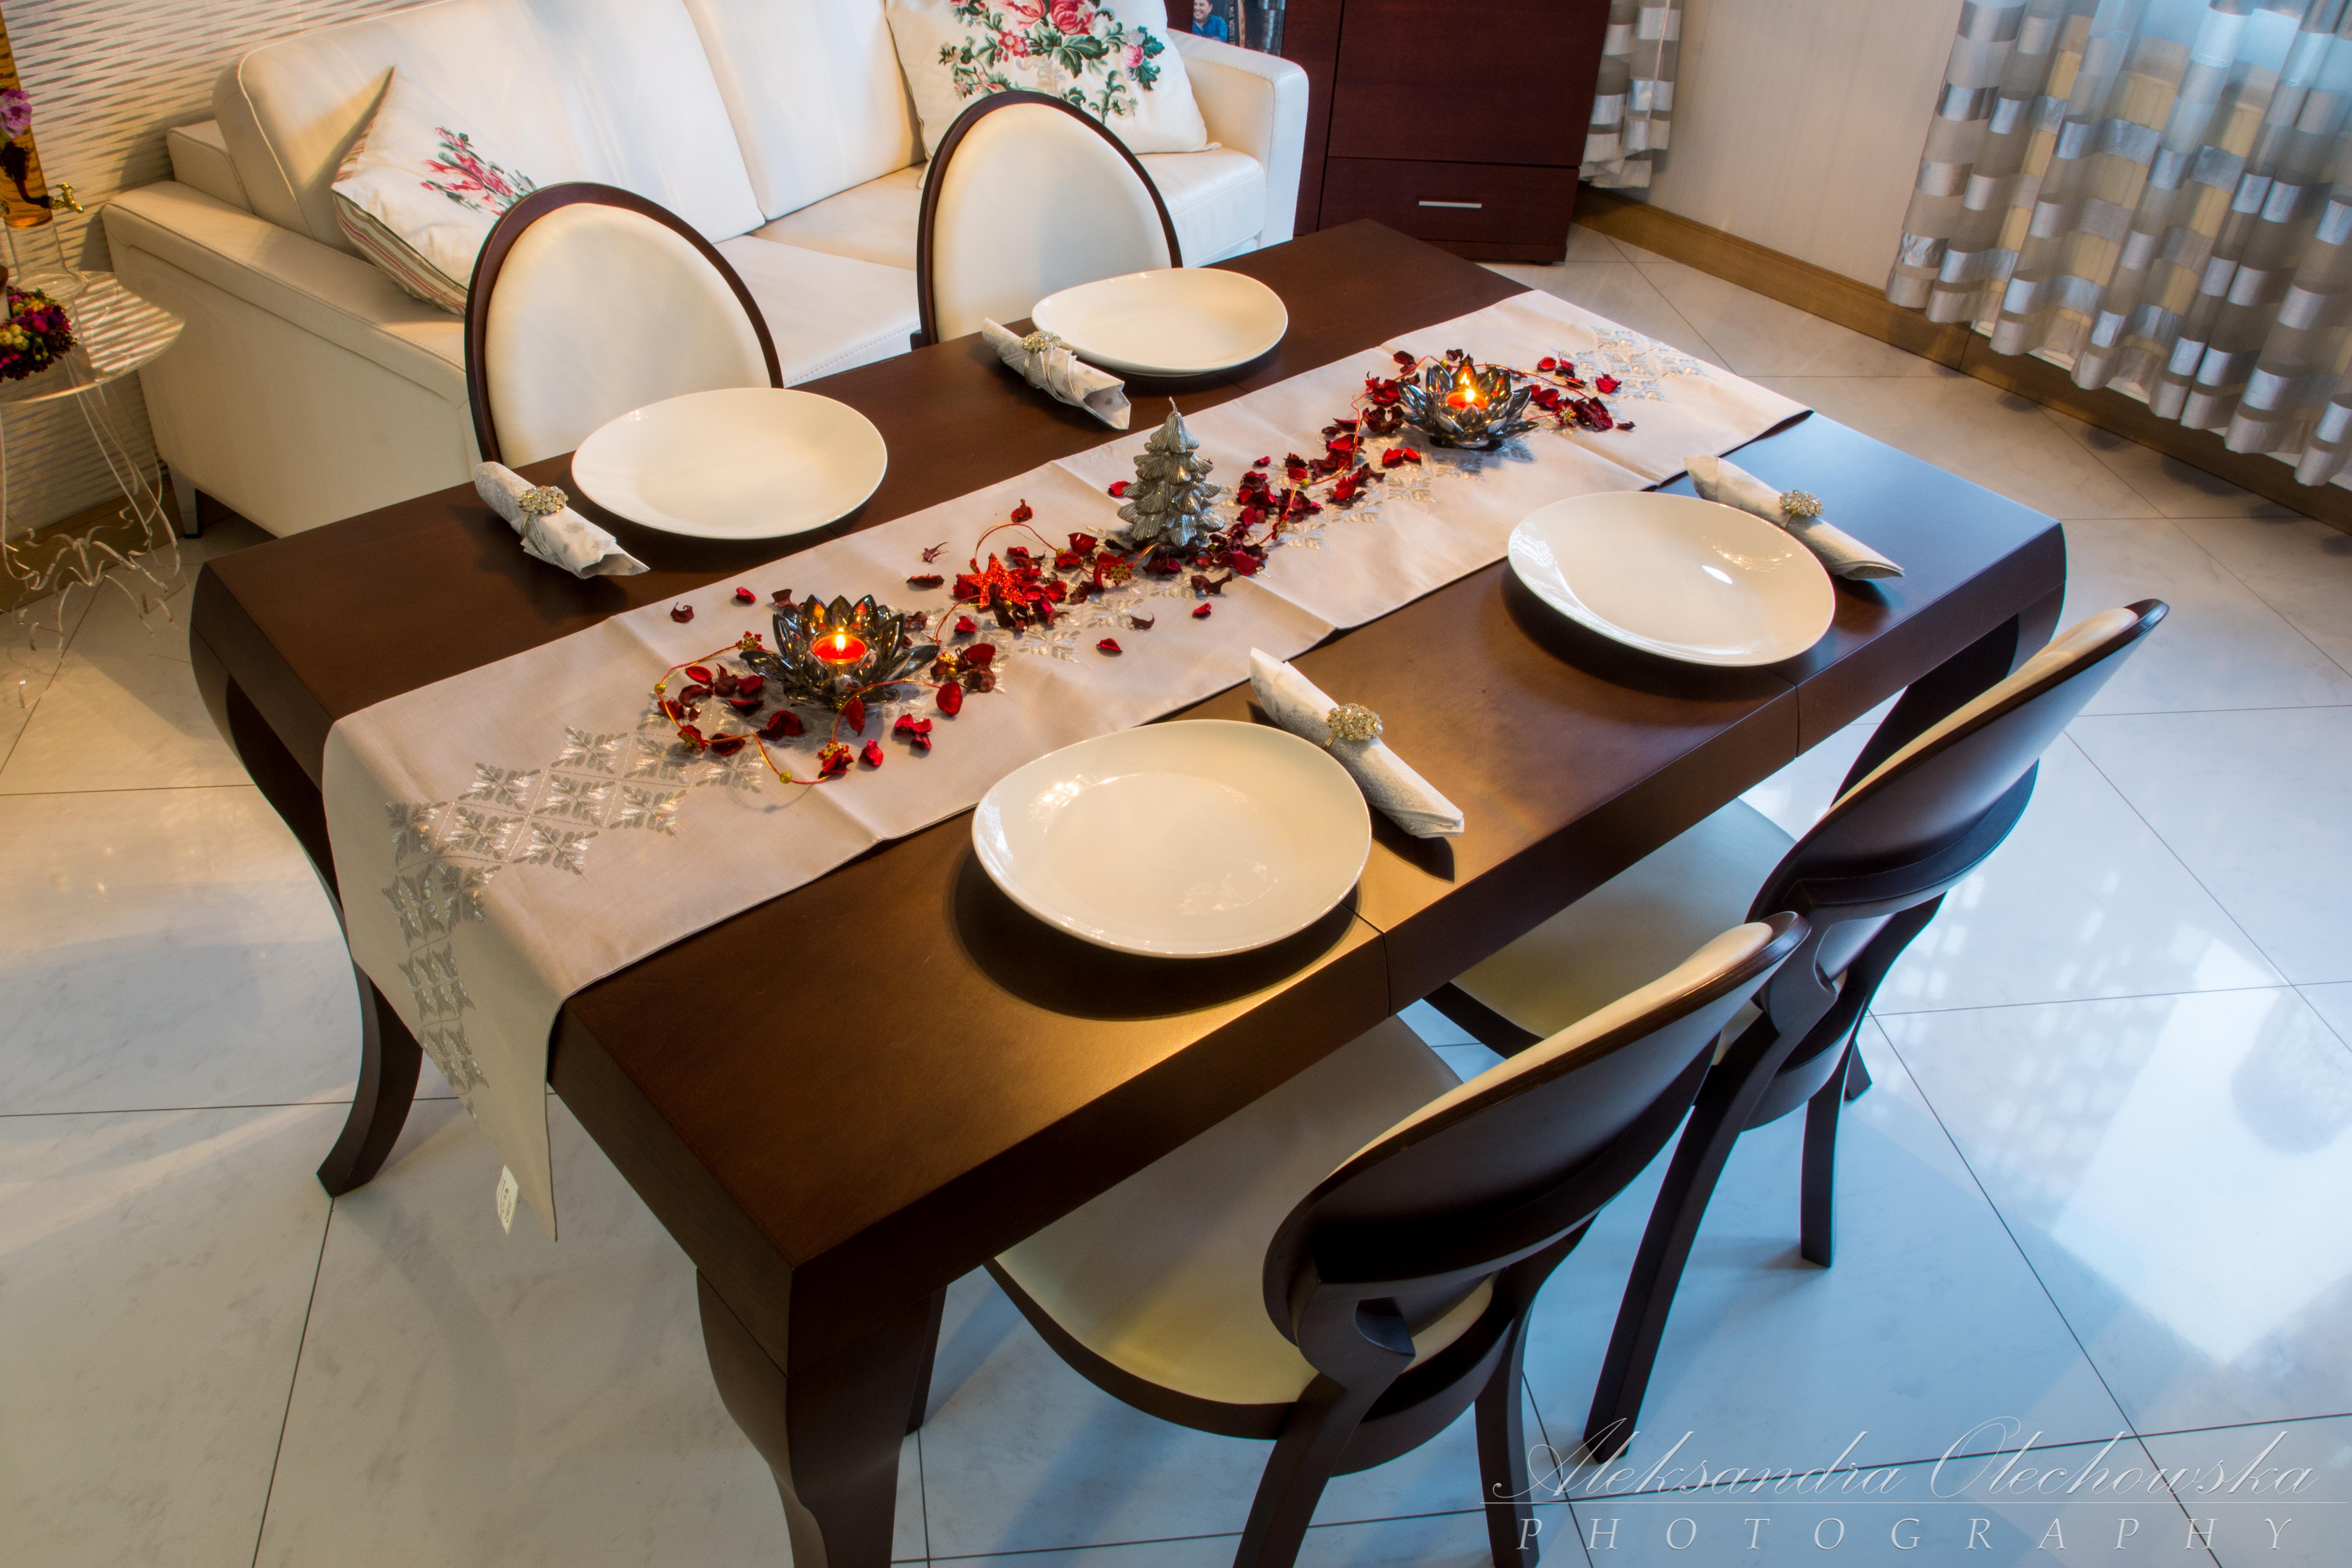 Pomysł na świąteczną aranżację stołu - widok na cały stół